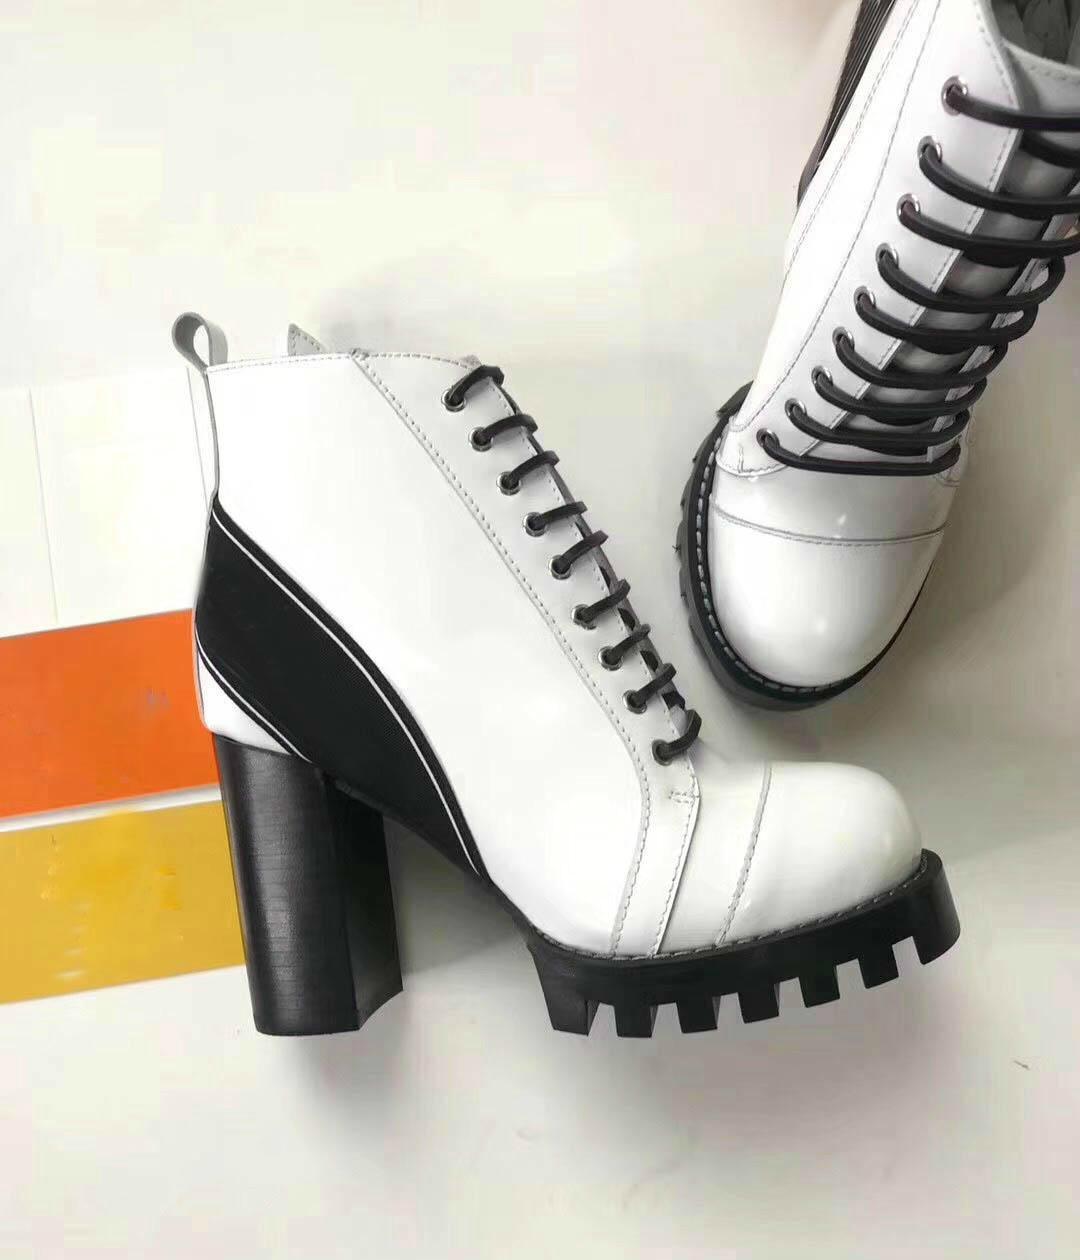 Sconto scarpe in pelle Lace Up Ribbon fibbia della cintura Stivaletti tacco ruvido tondo testa autunno inverno Martin stivali TAGLIA 34-42